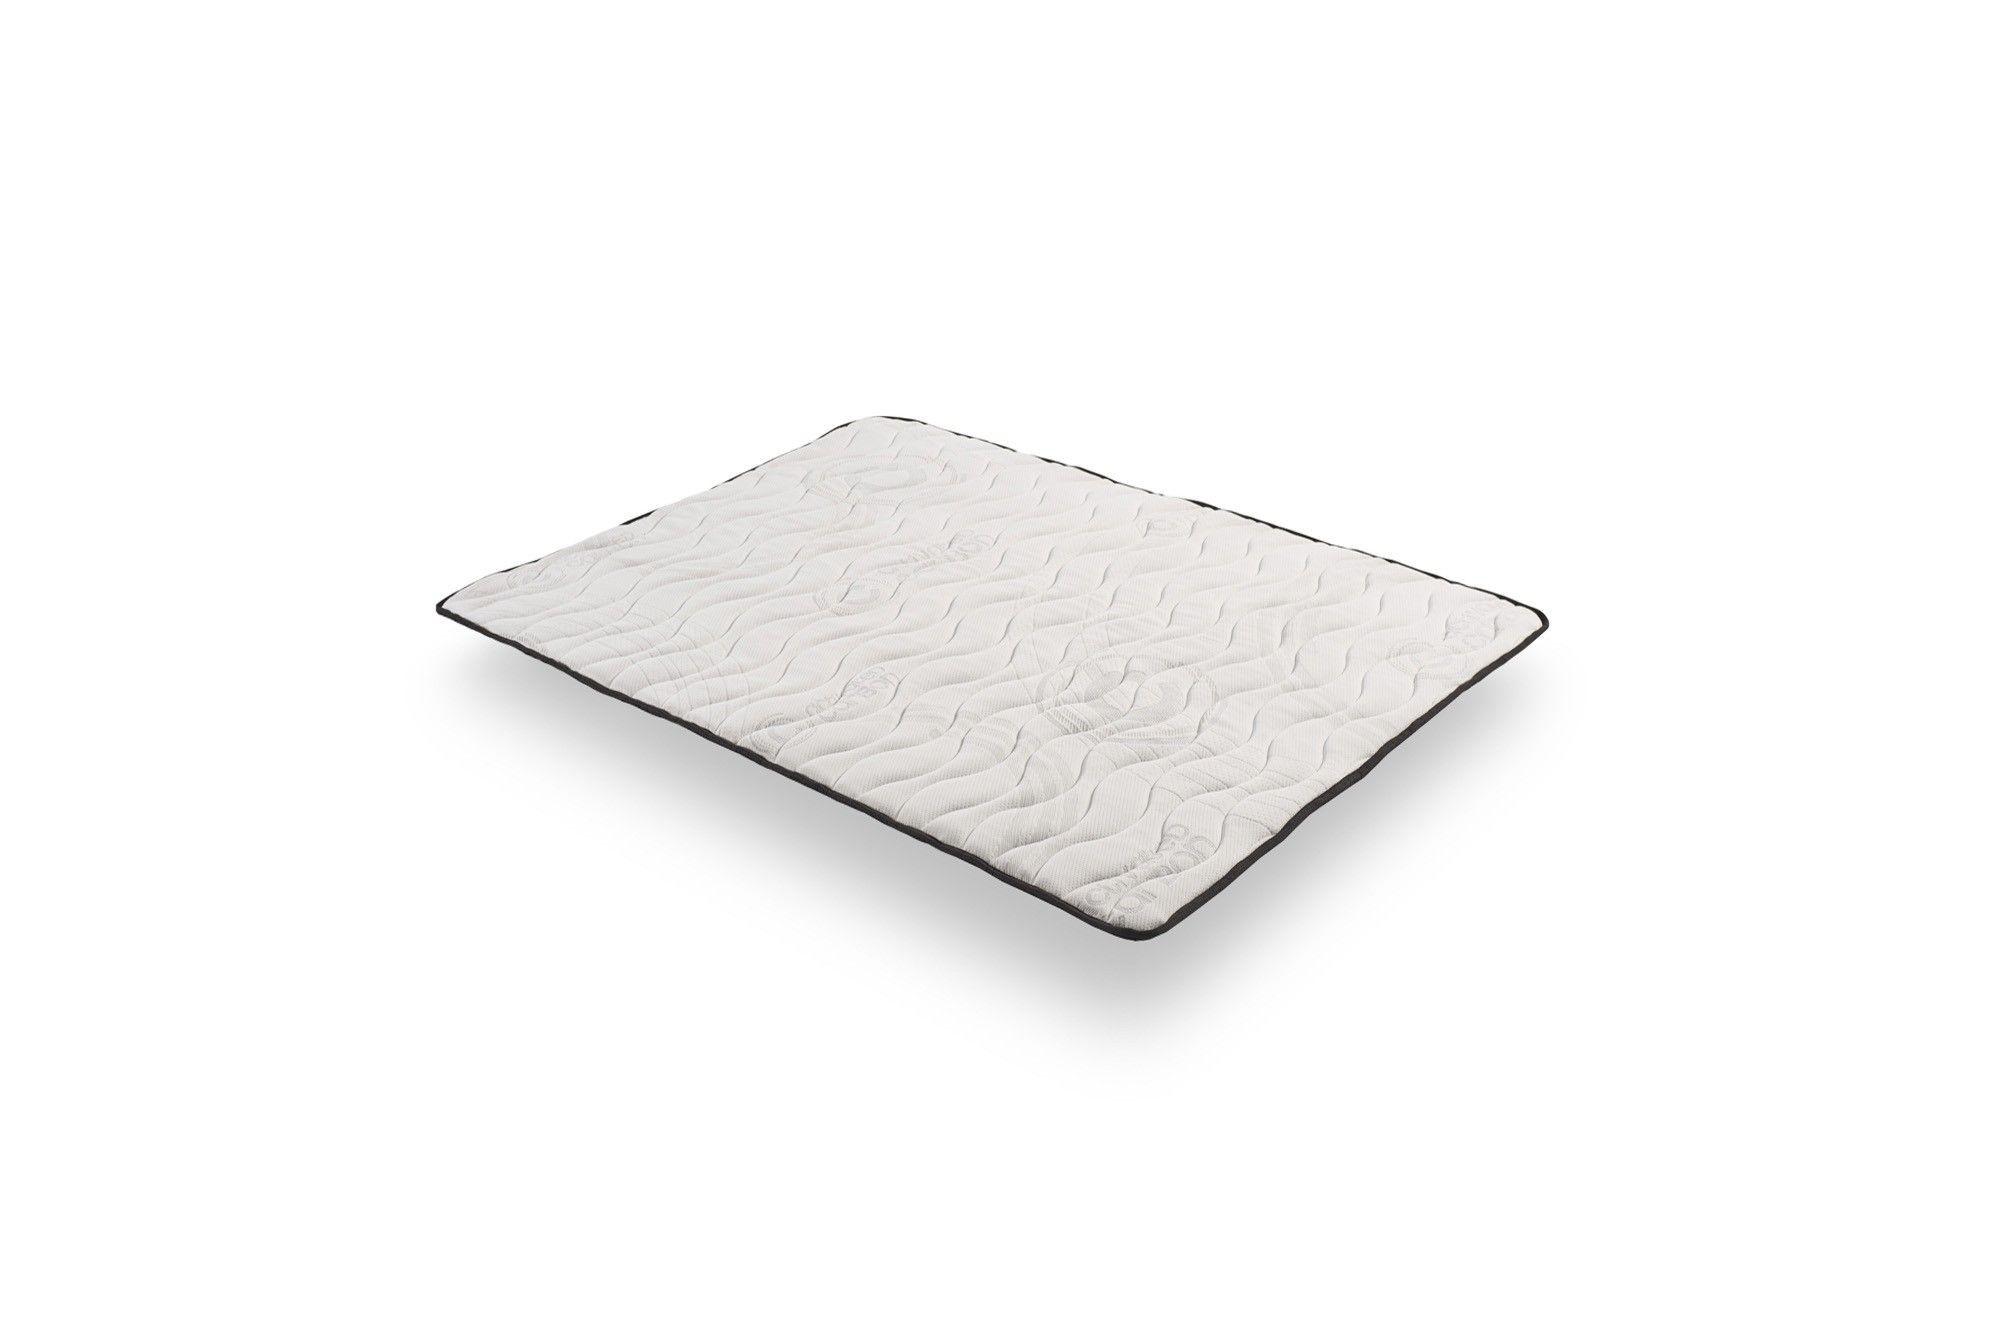 TOPPER CARBON Carbon Actif Latex und Blue Latex® Matratze mit Bi-Density®-Technologie | Cosmos® Bettwäsche